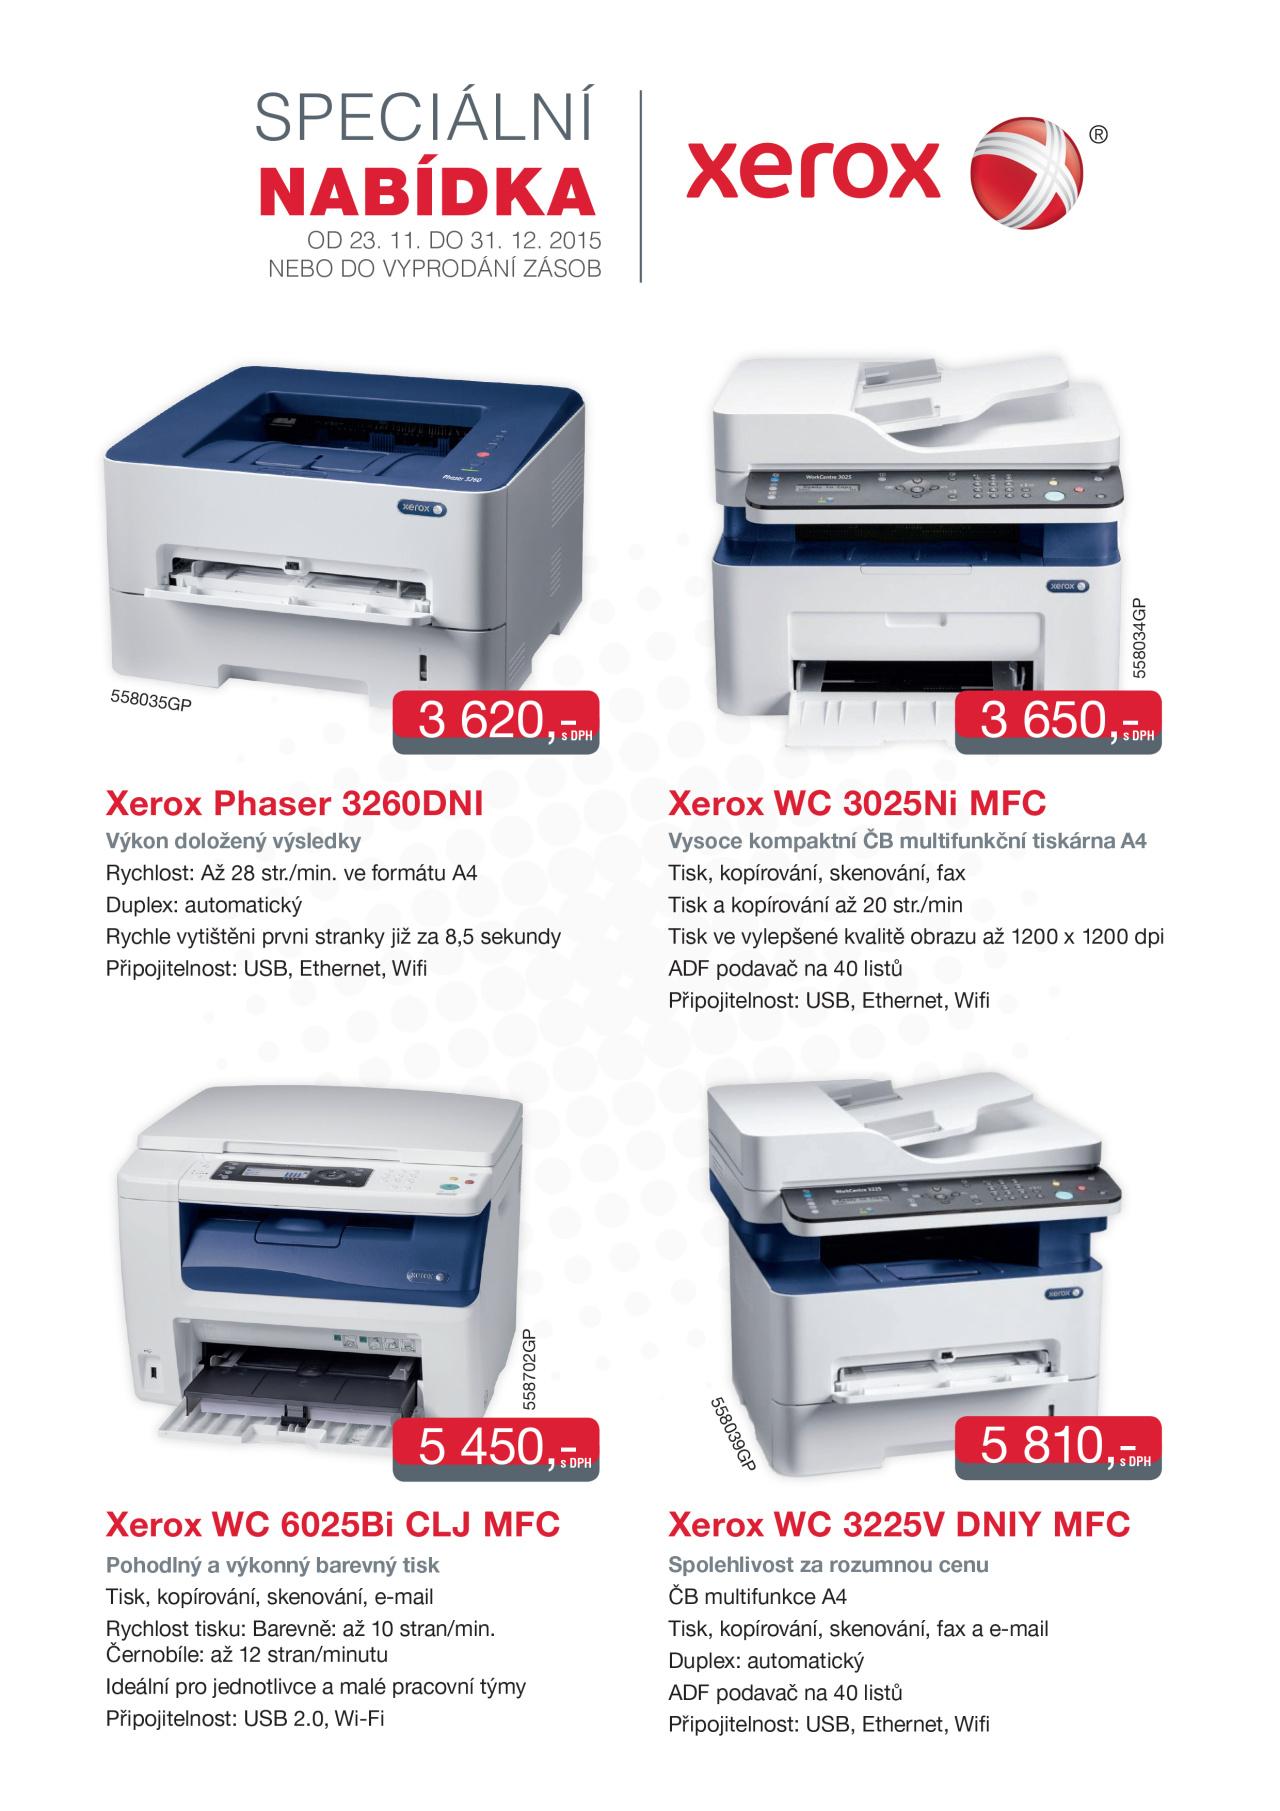 Tiskárny XEROX